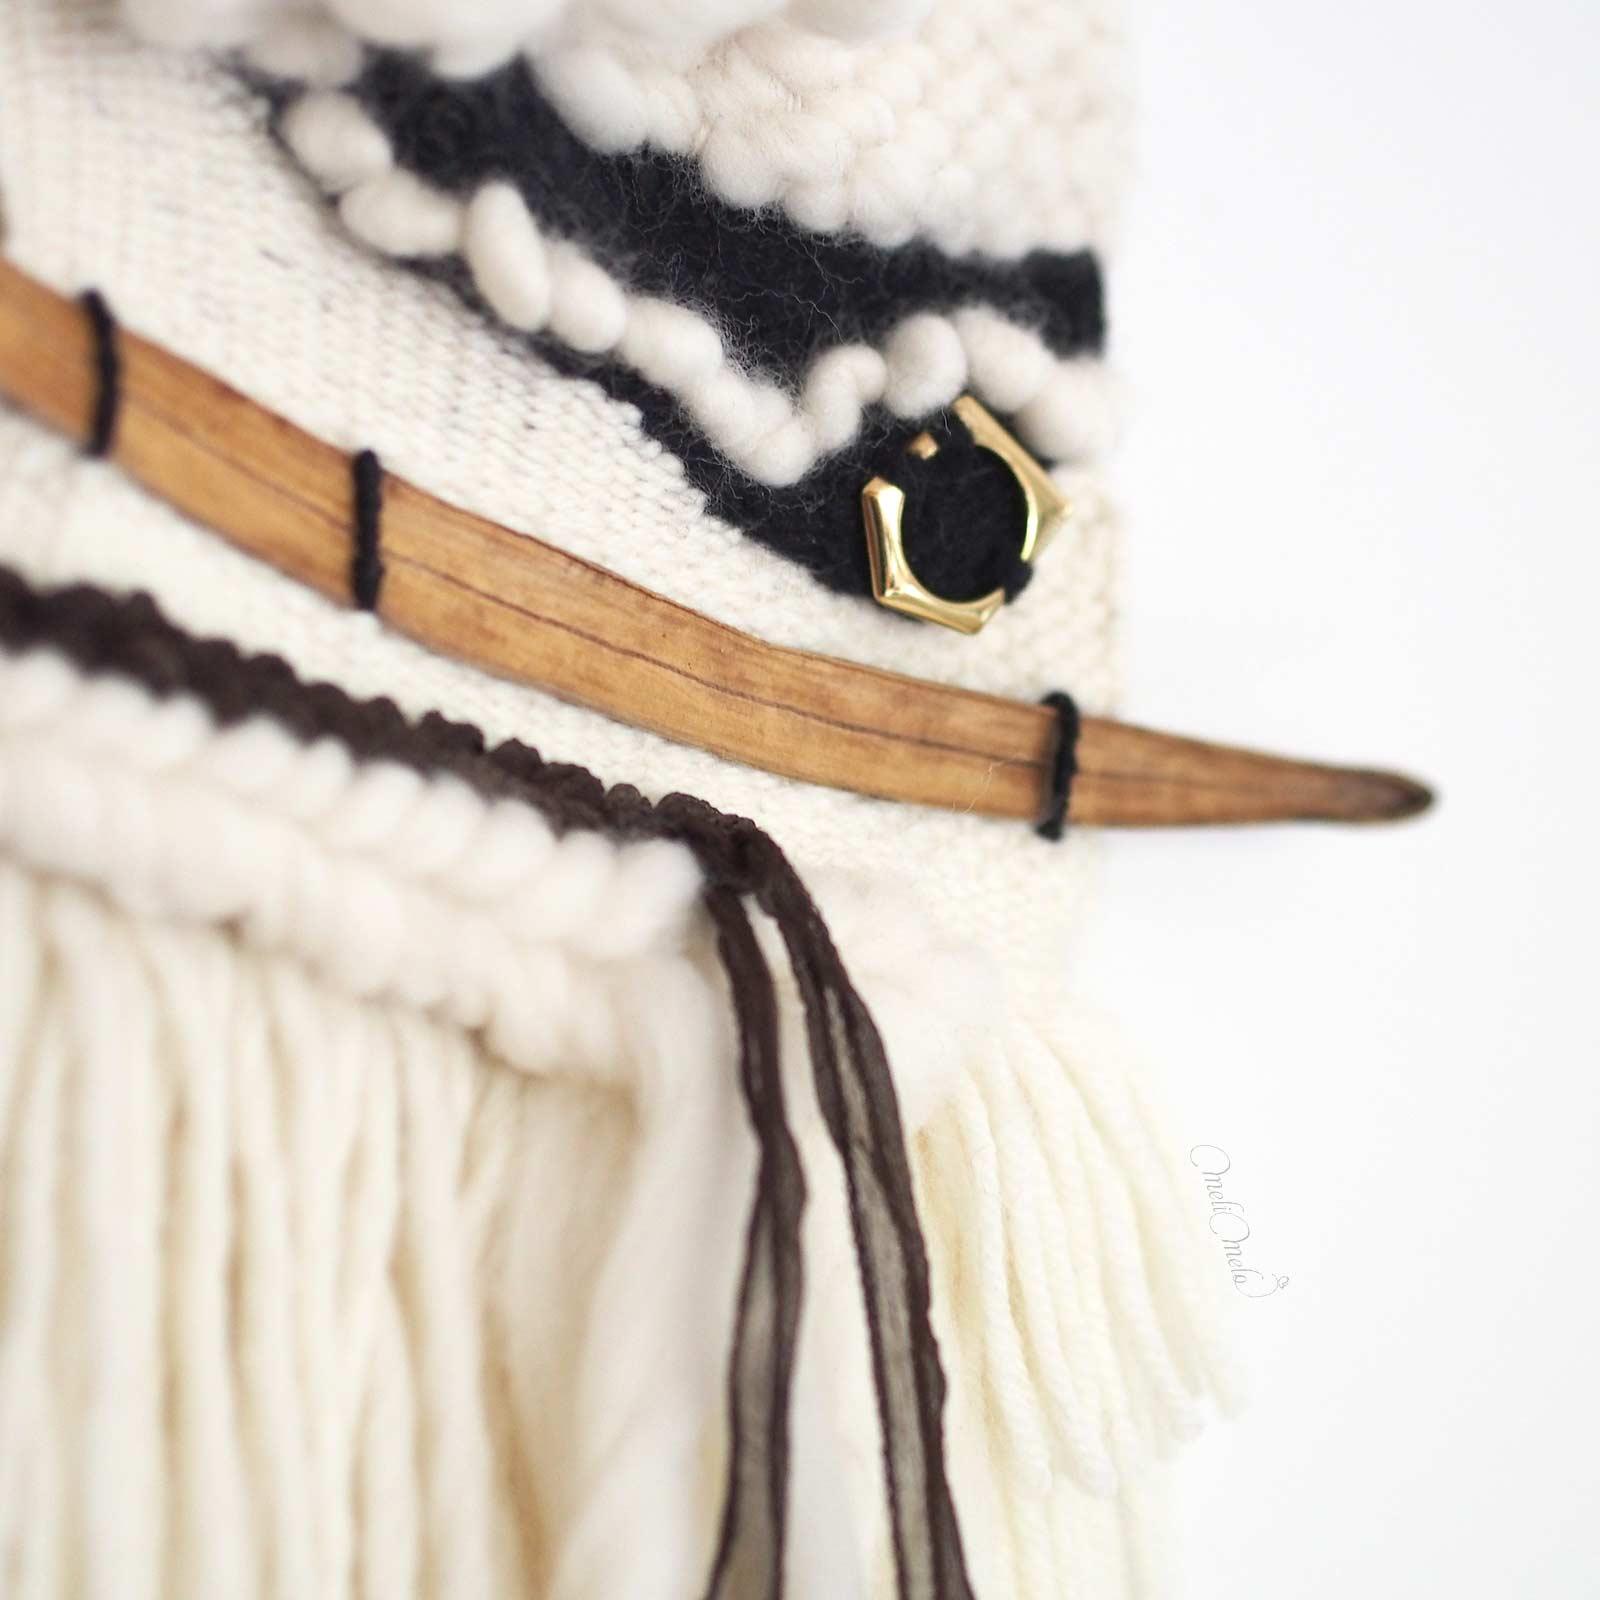 tissage laine lune d'or détail laboutiquedemelimelo